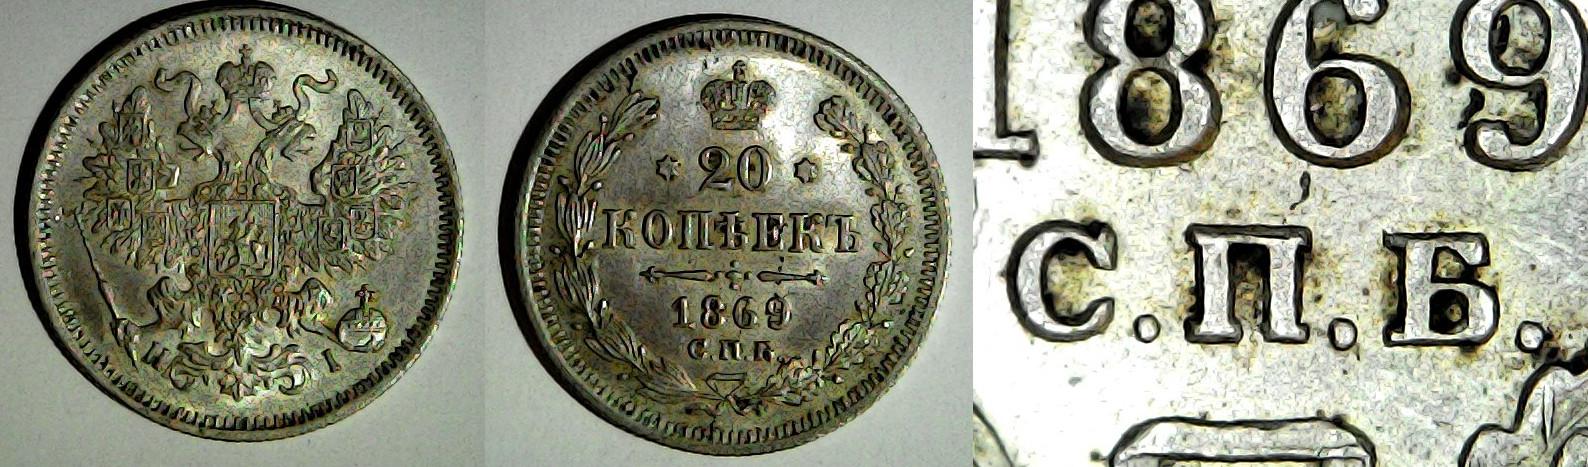 20 kopeck 1869 Saint-Petersbourg Russie